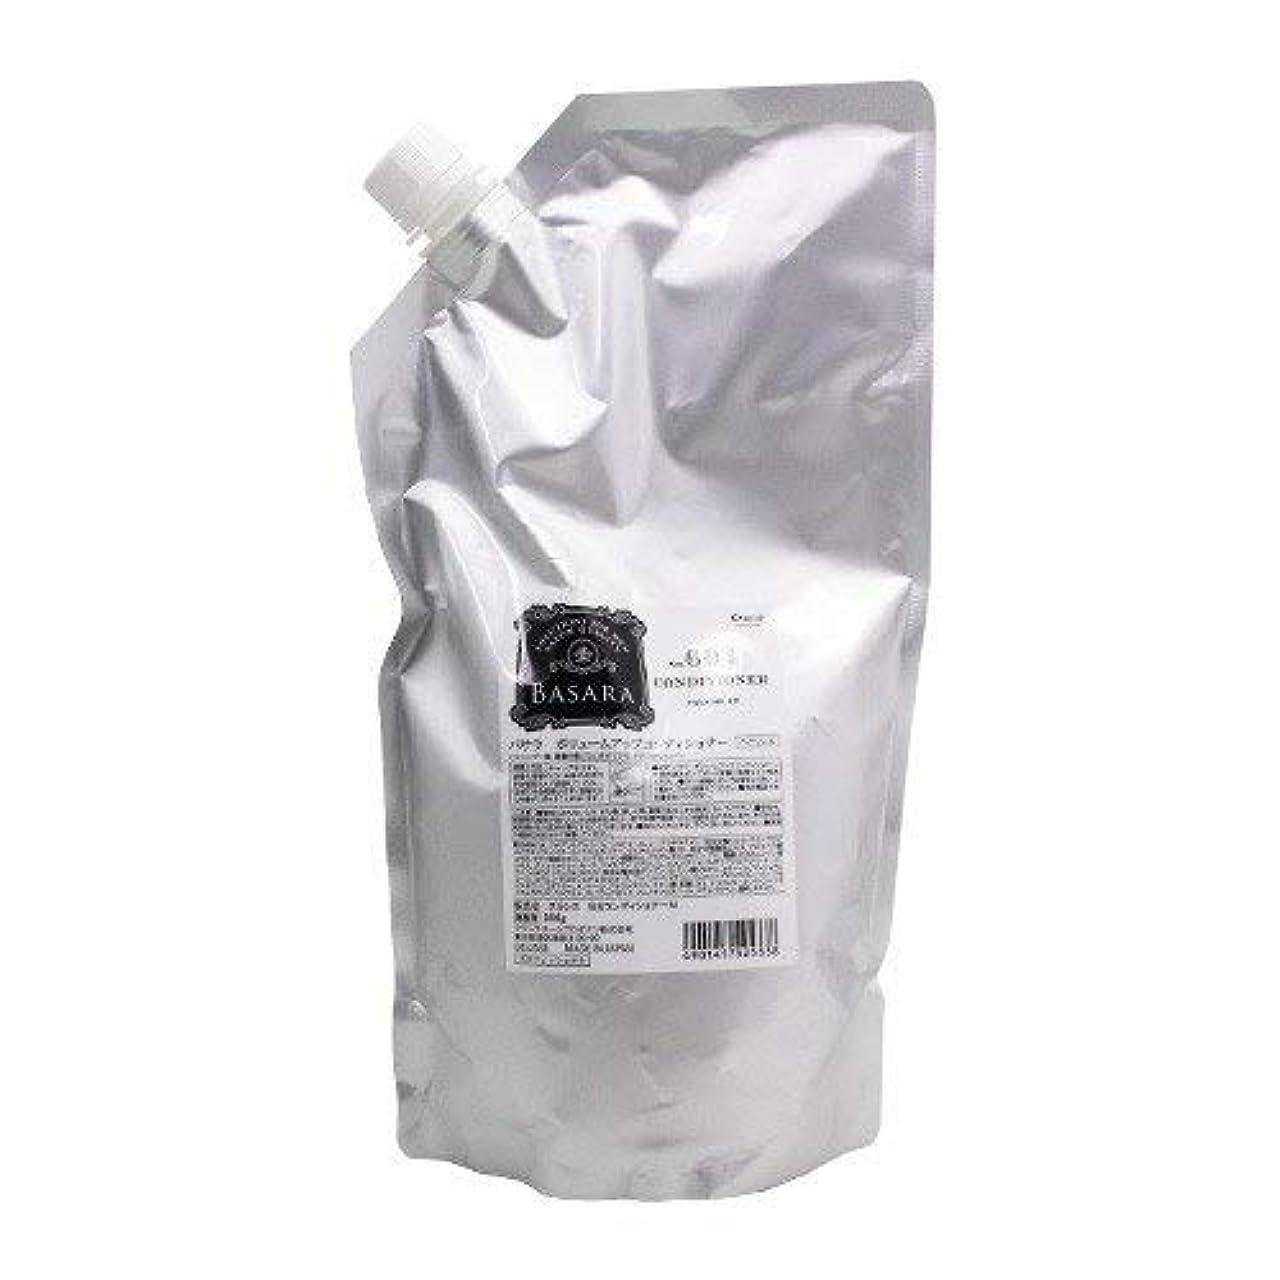 喜ぶコーヒー特許クラシエ バサラ ボリュームアップコンディショナー 604 900g レフィル